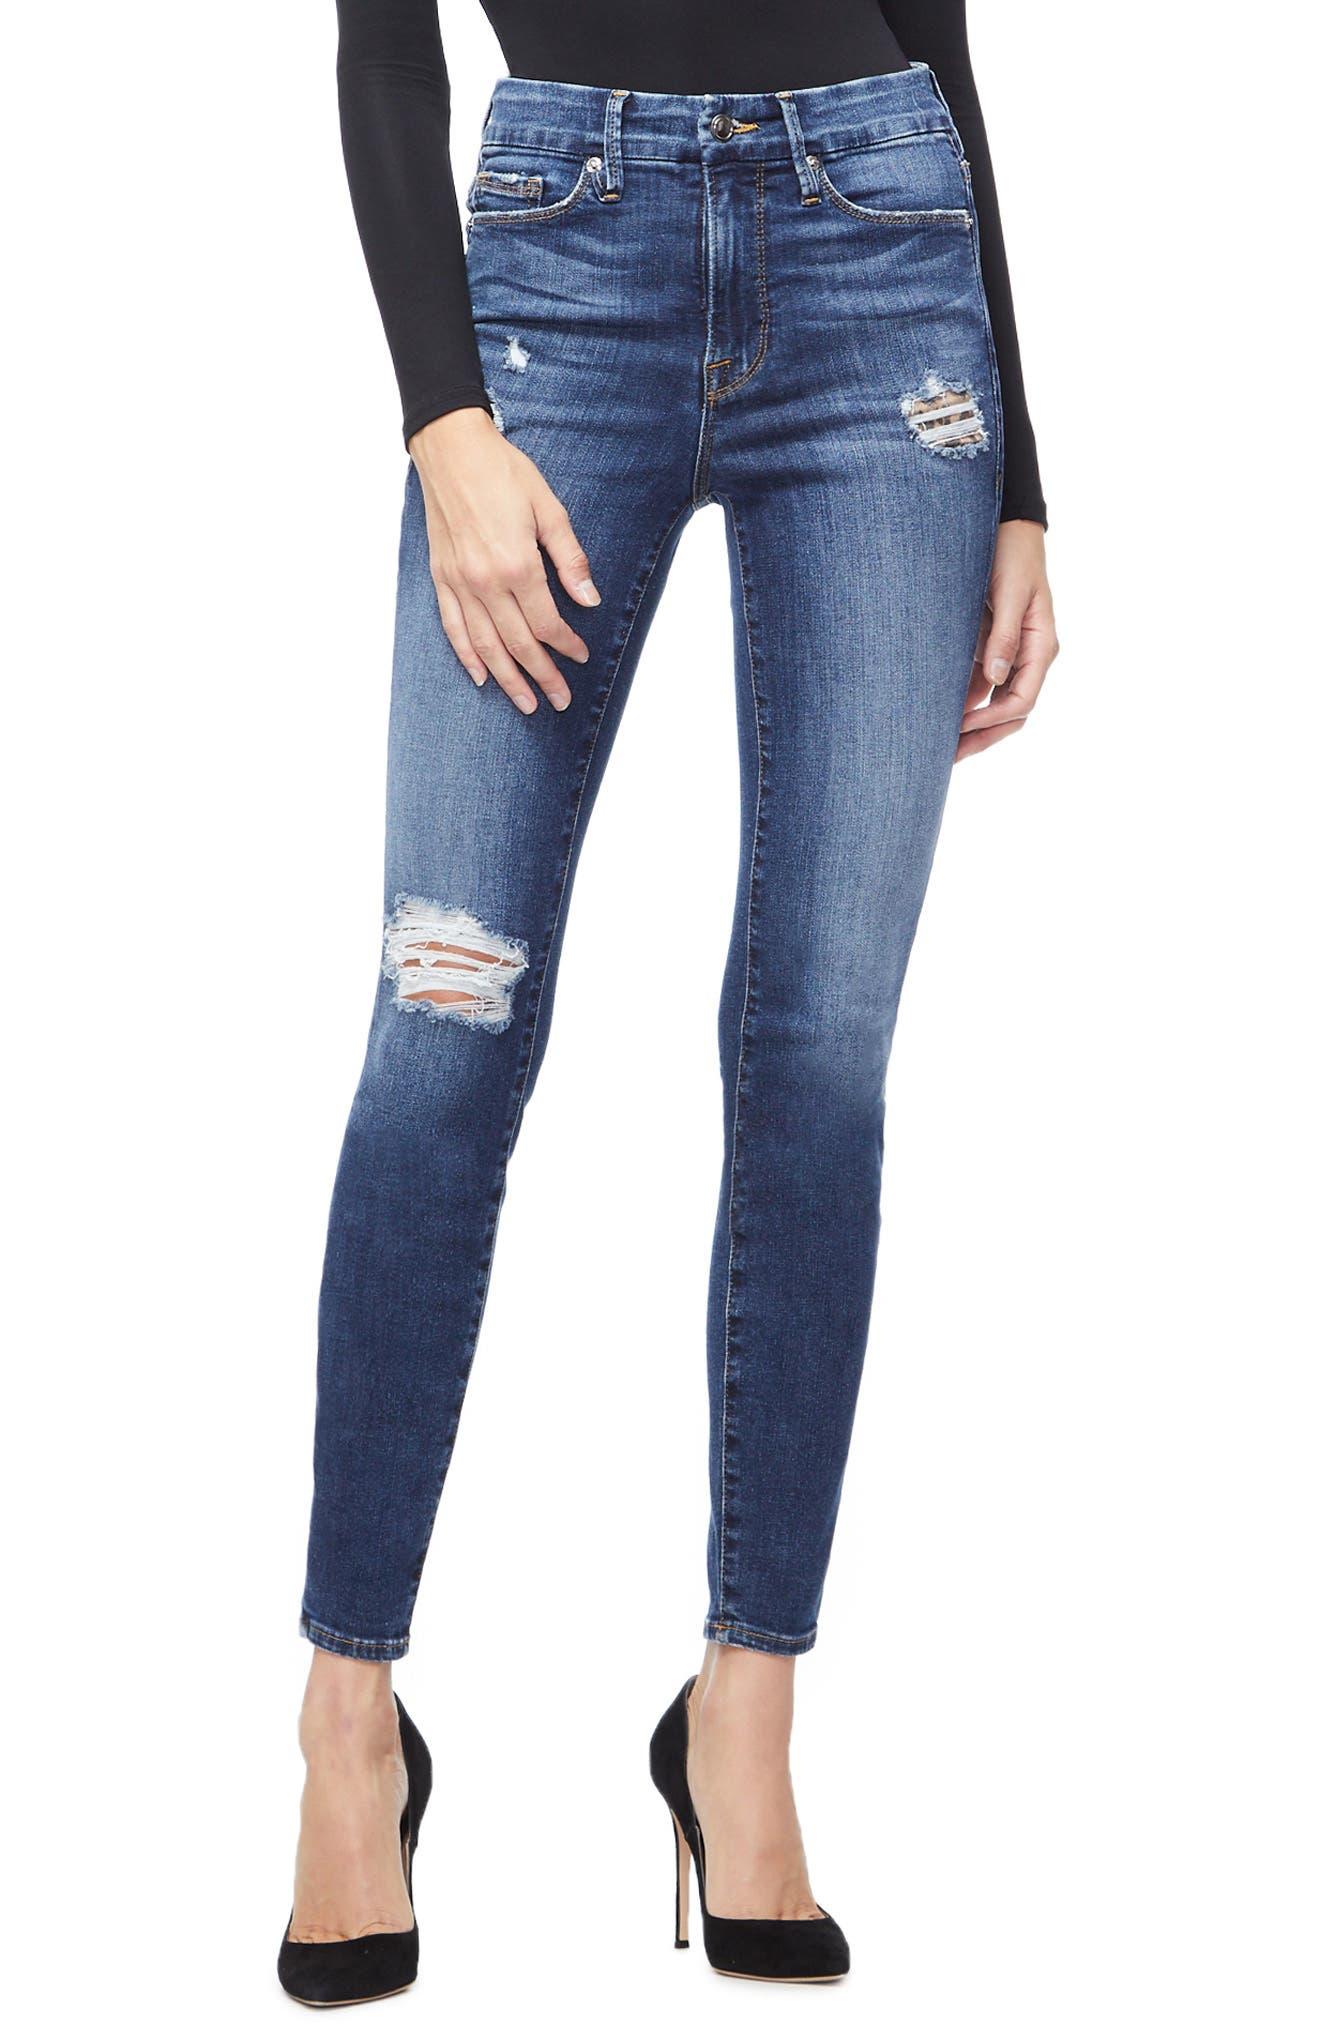 GOOD AMERICAN Good Legs Cheetah Pockets High Waist Jeans, Main, color, BLUE203